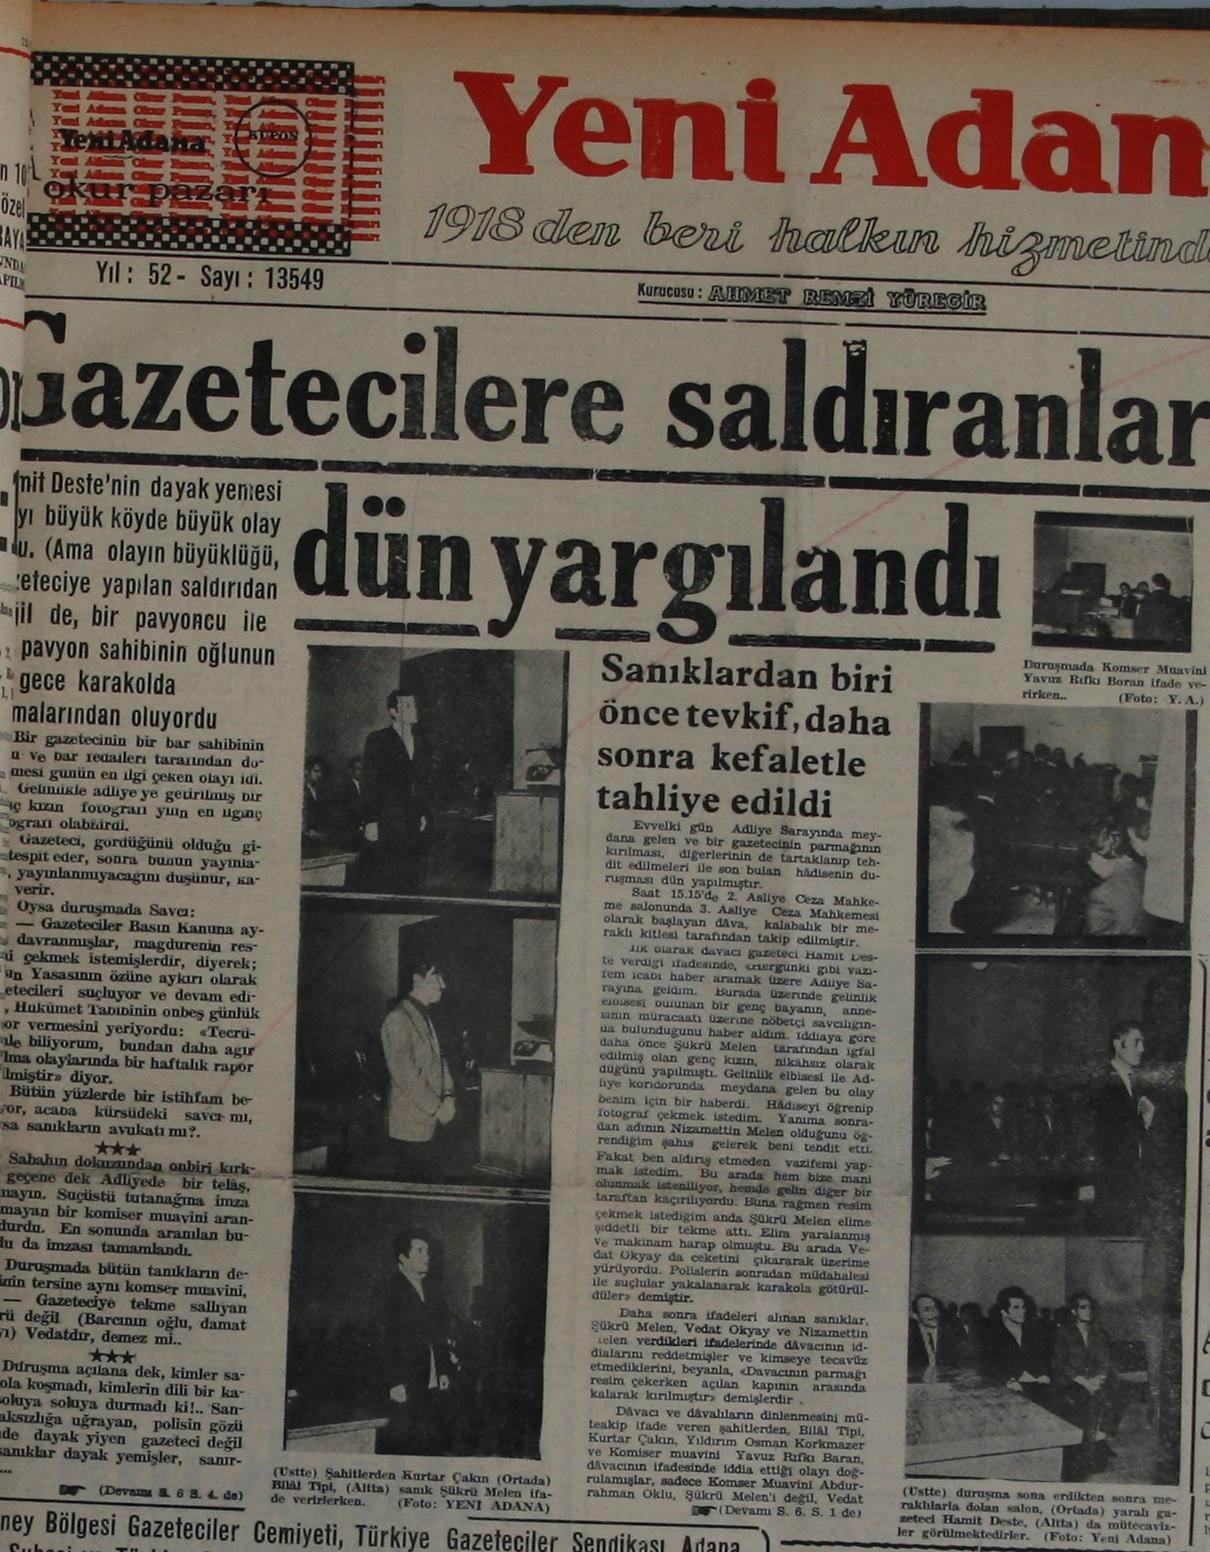 1970-01-13-kurtar-cakin-ve-bilal-tipi-yeni-adana-gazetesi.JPG